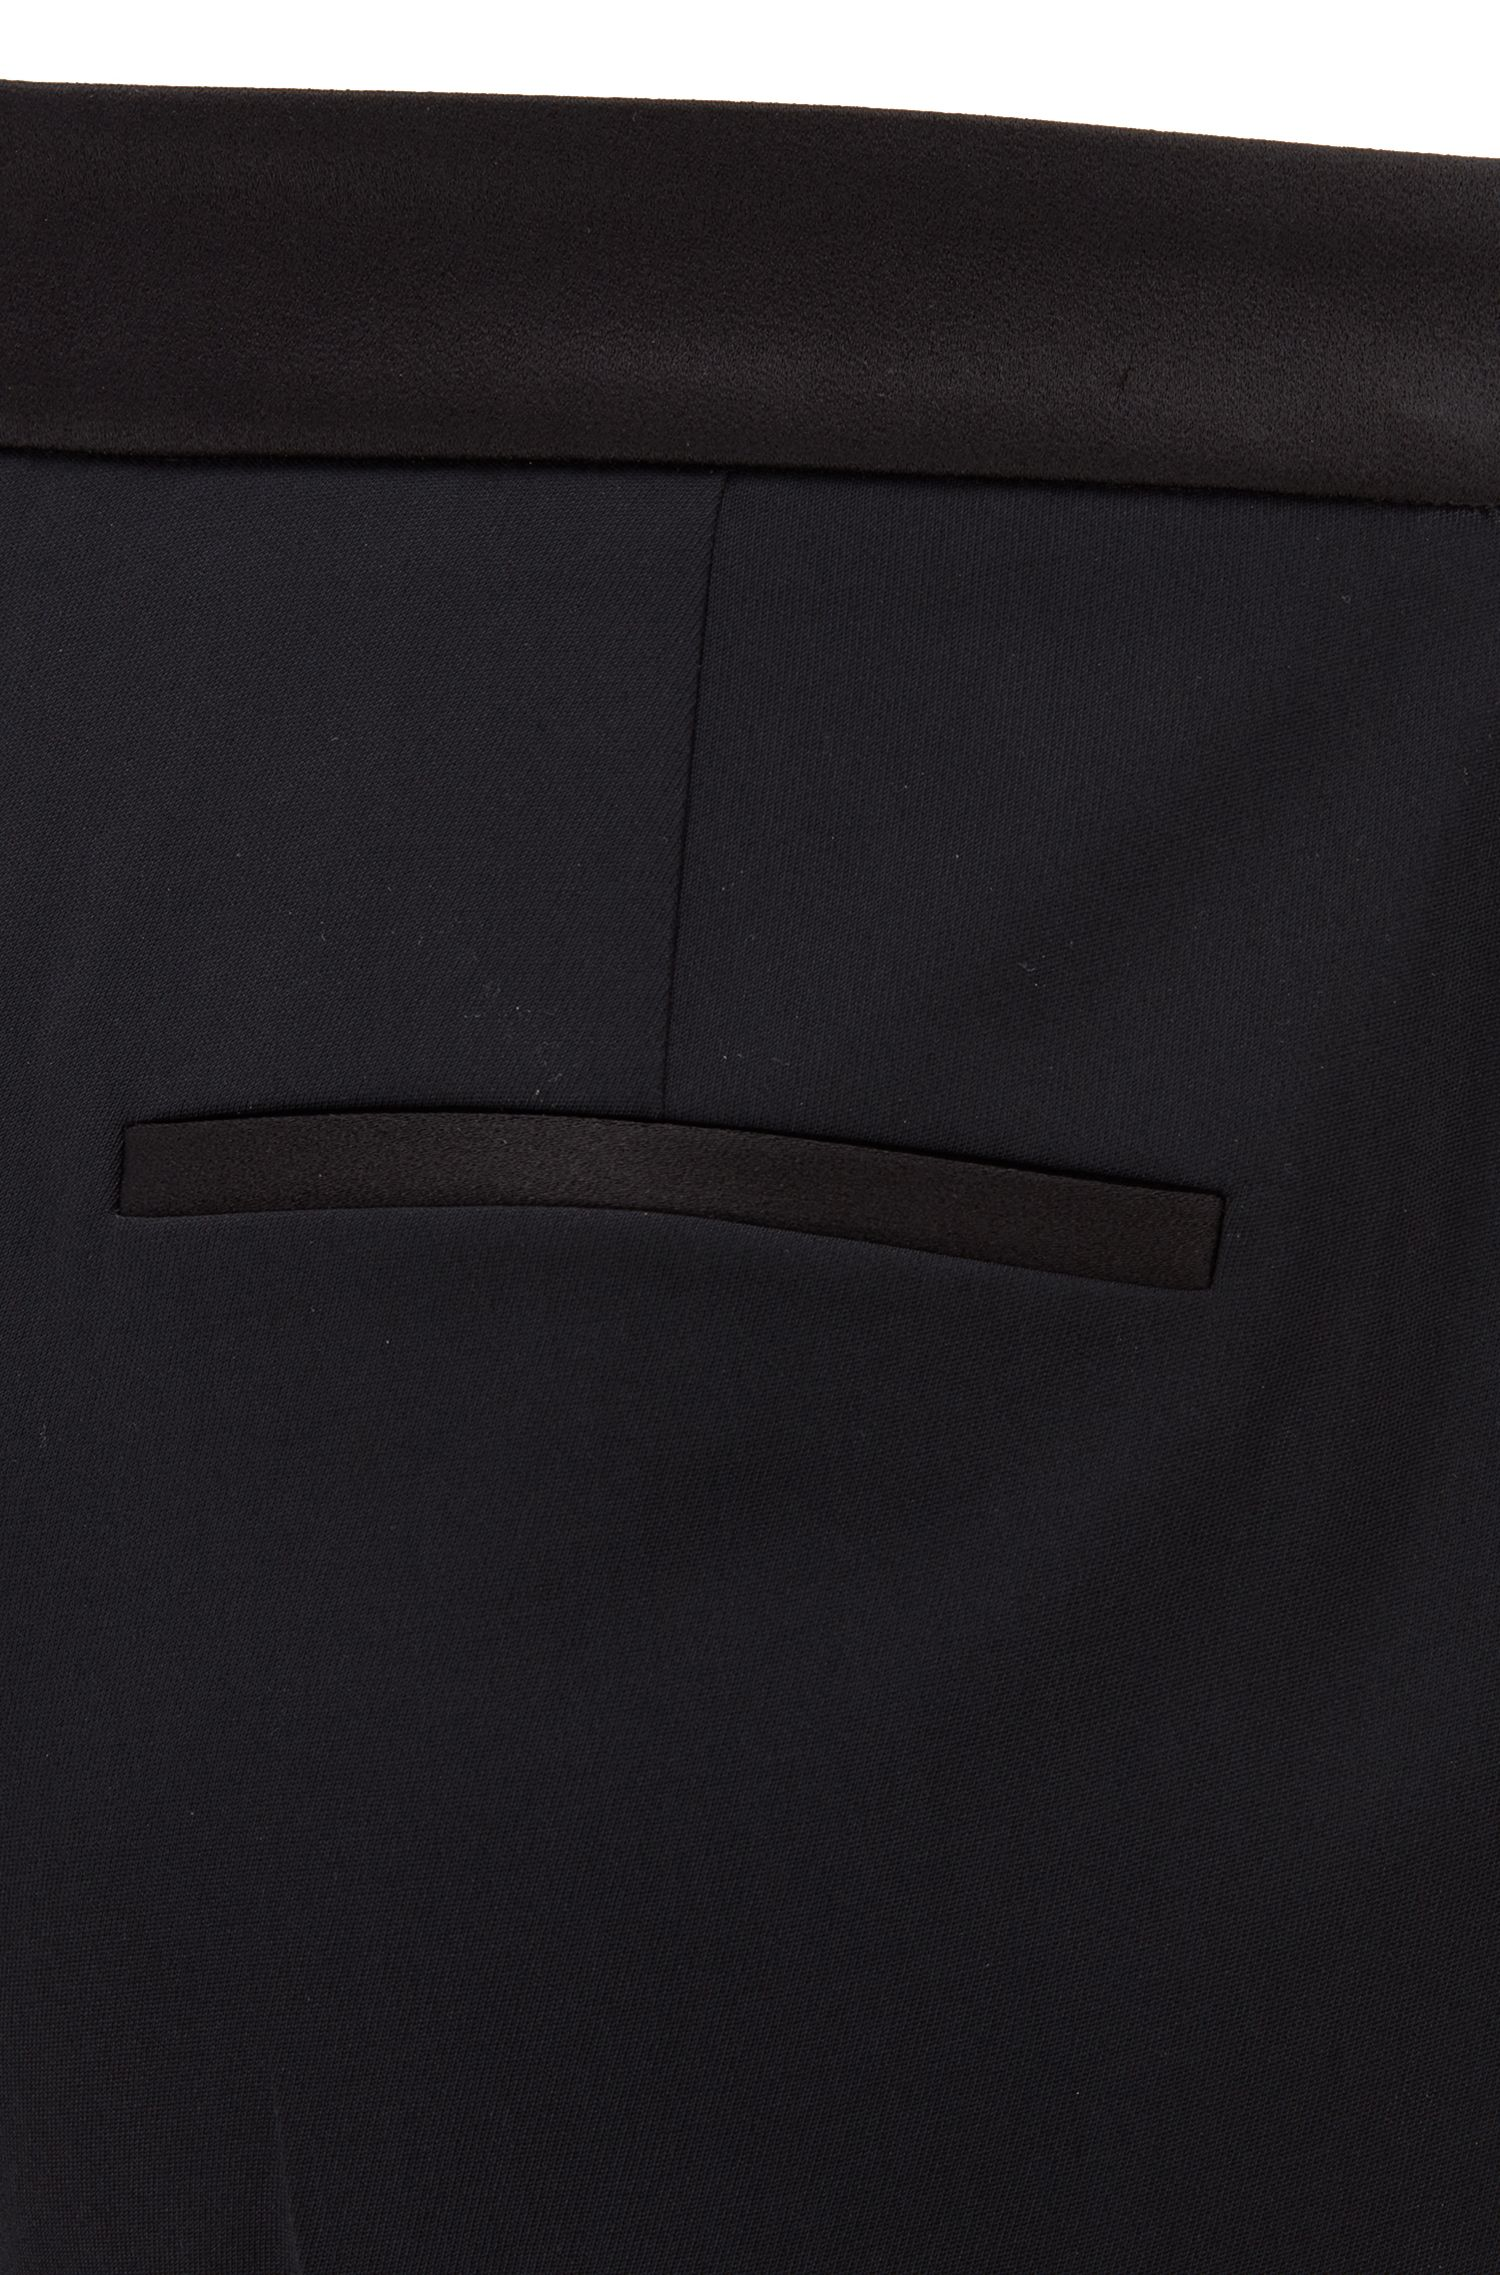 Pantalon met hoge taille en satijnen accenten, Zwart